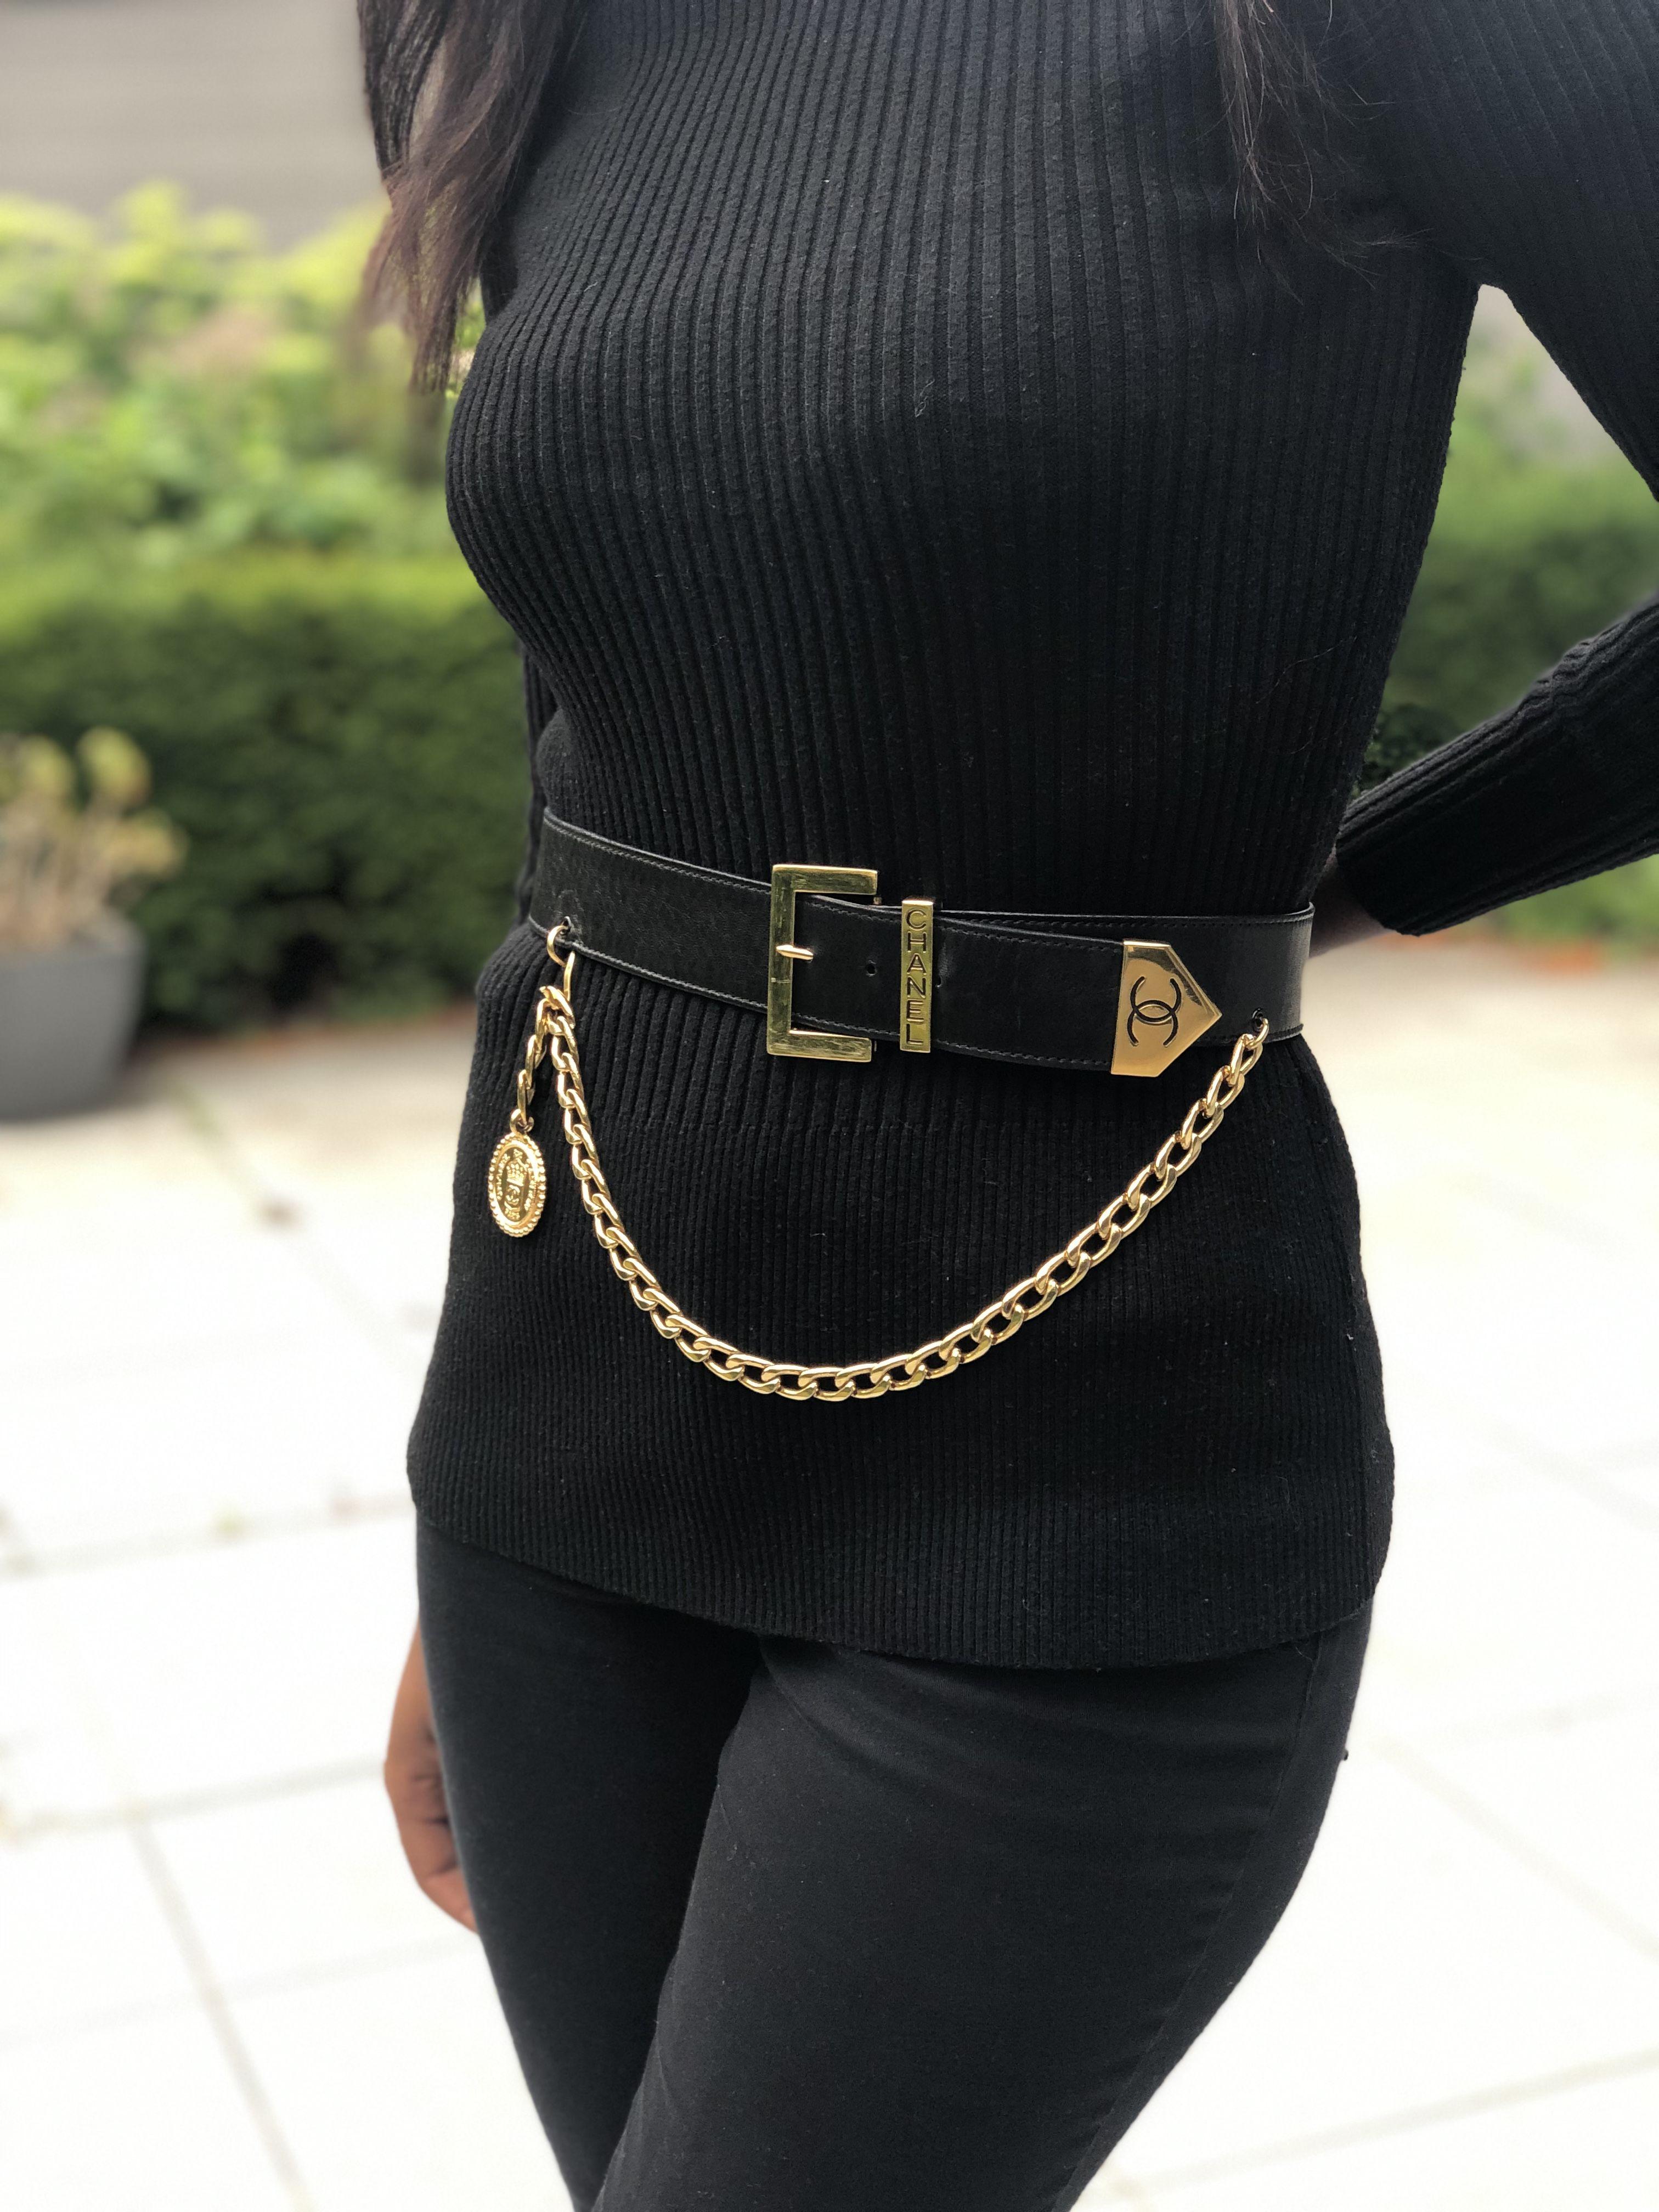 Chanel Vintage Leather Belt, 75 Vintage chanel, Vintage